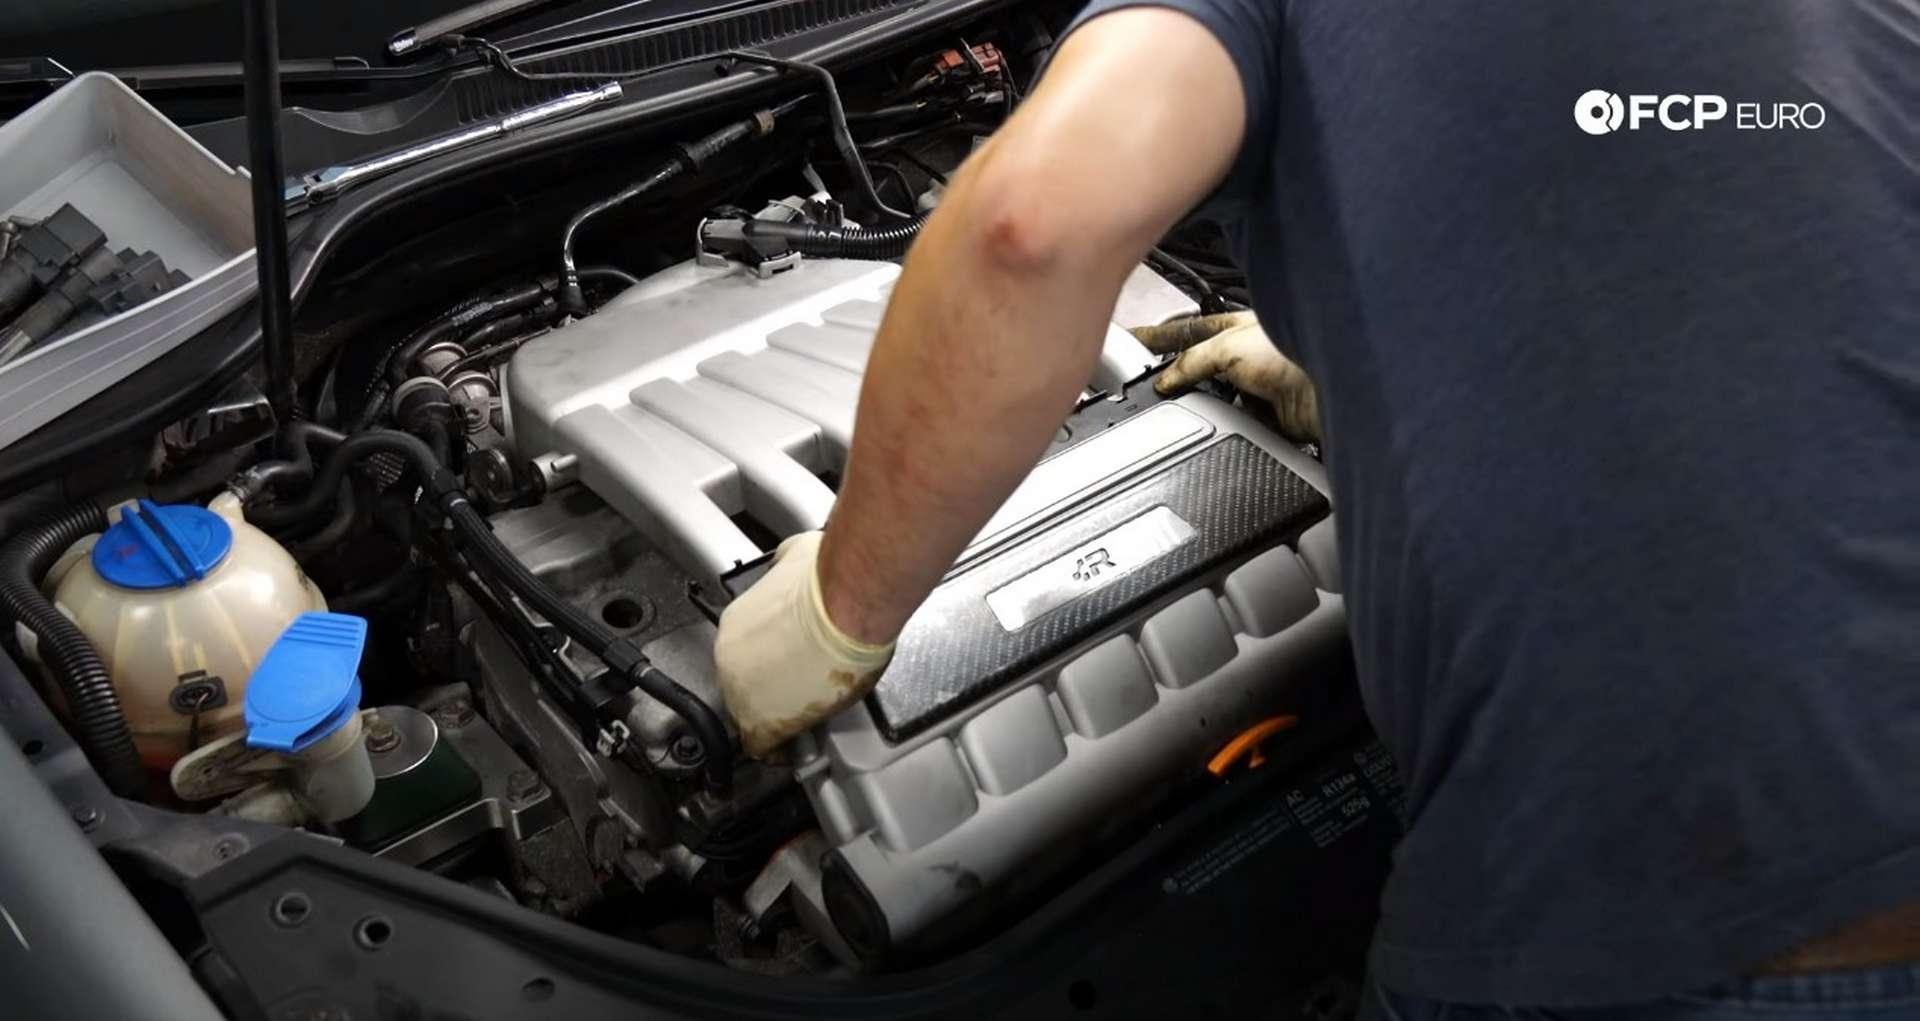 51-DIY-VW-VR6-Valve-Cover-Gasket-Reinstalling-Manifold